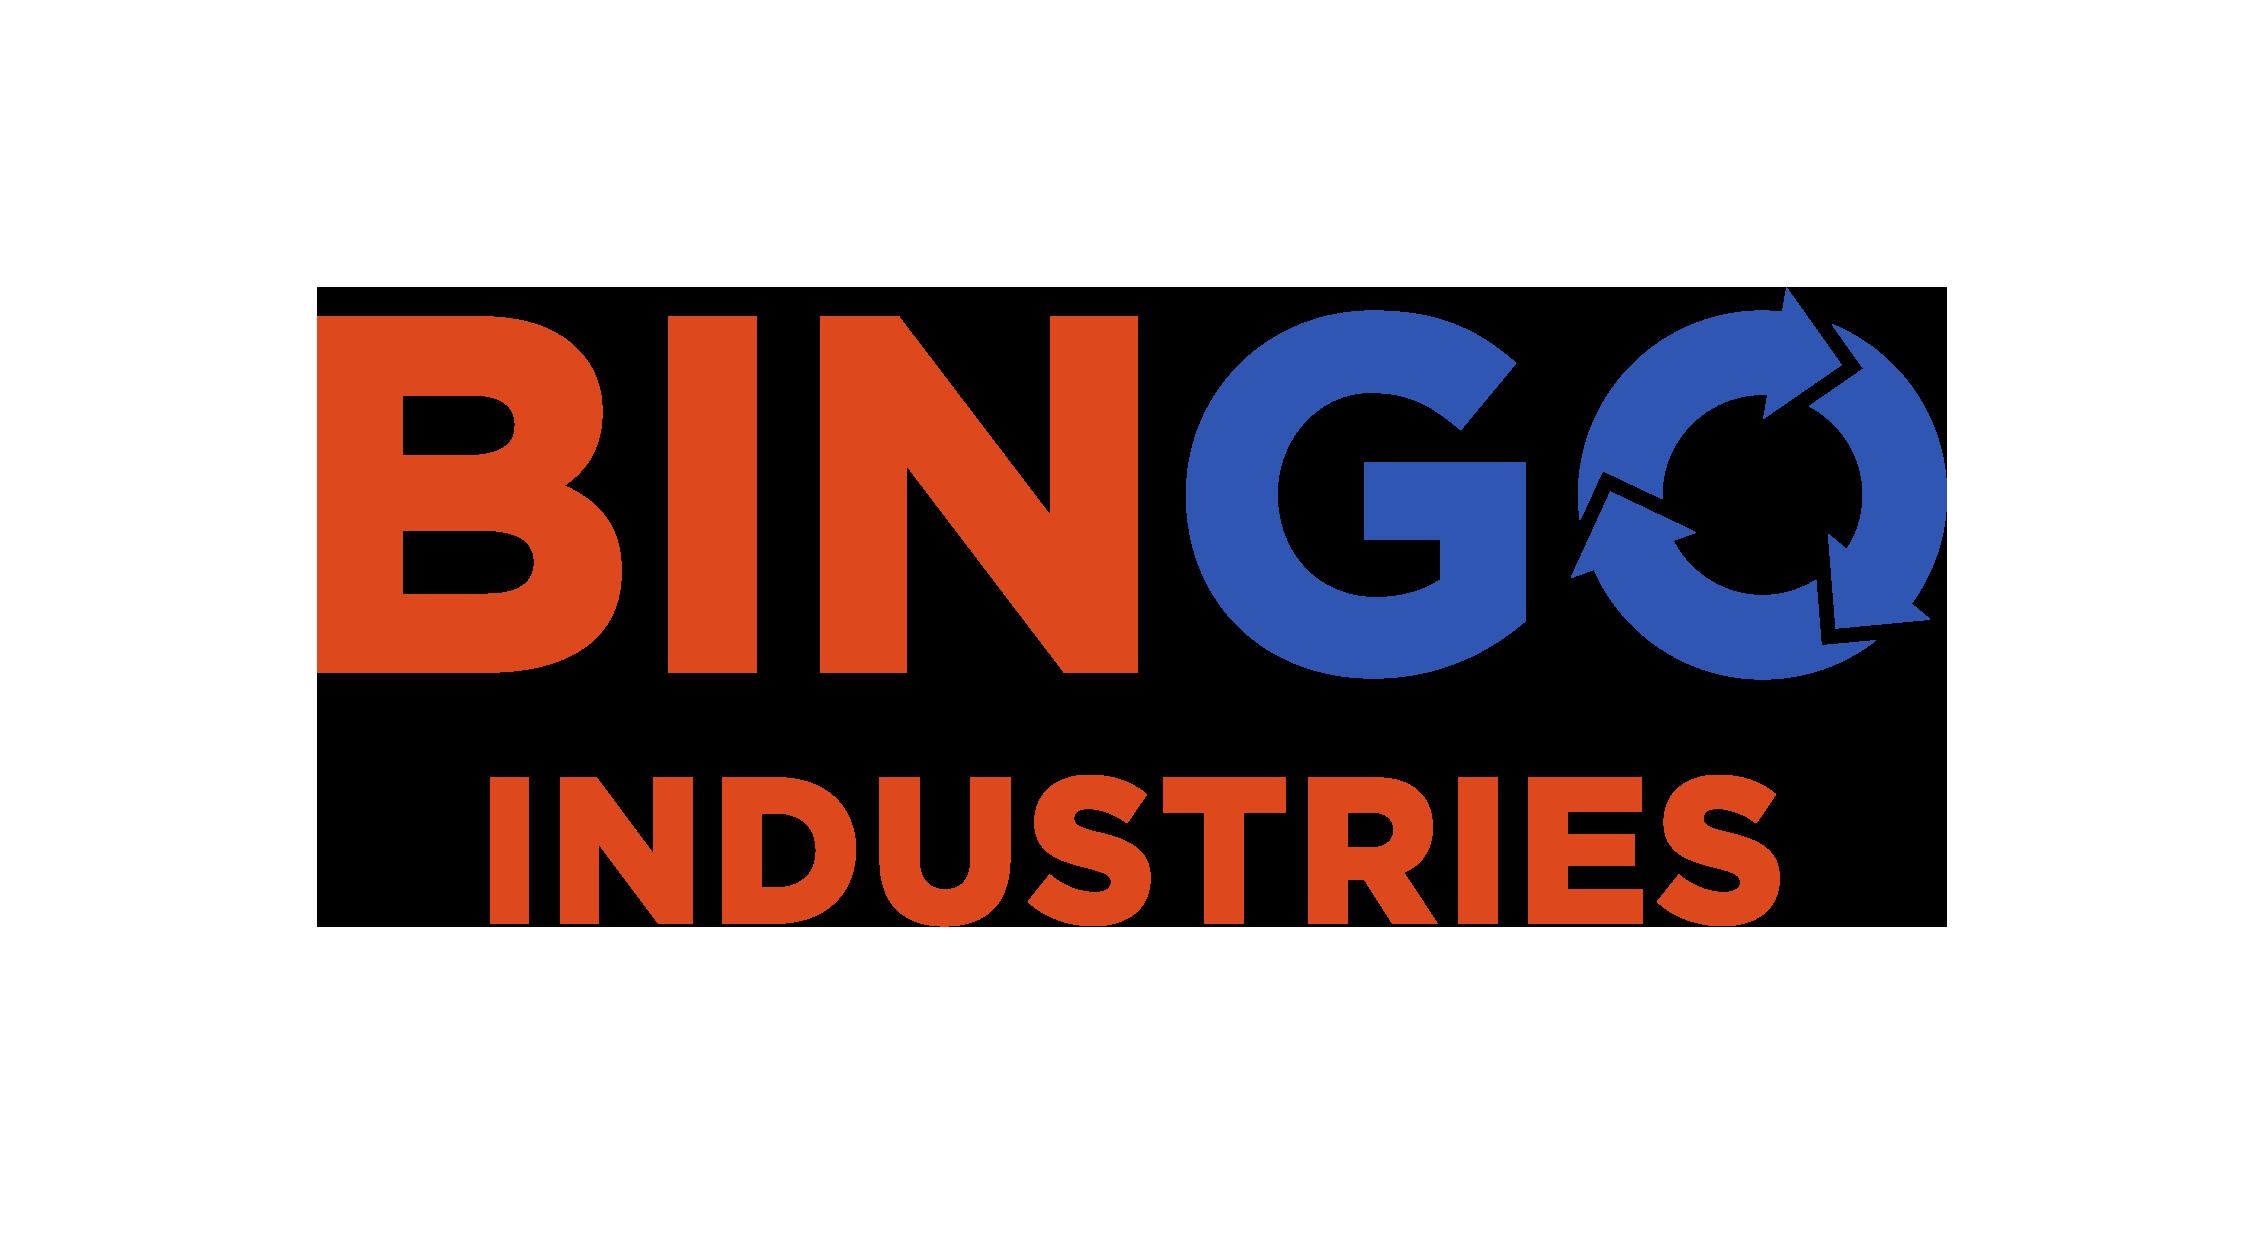 Bingo-Brandmark-Pos-RGB.png